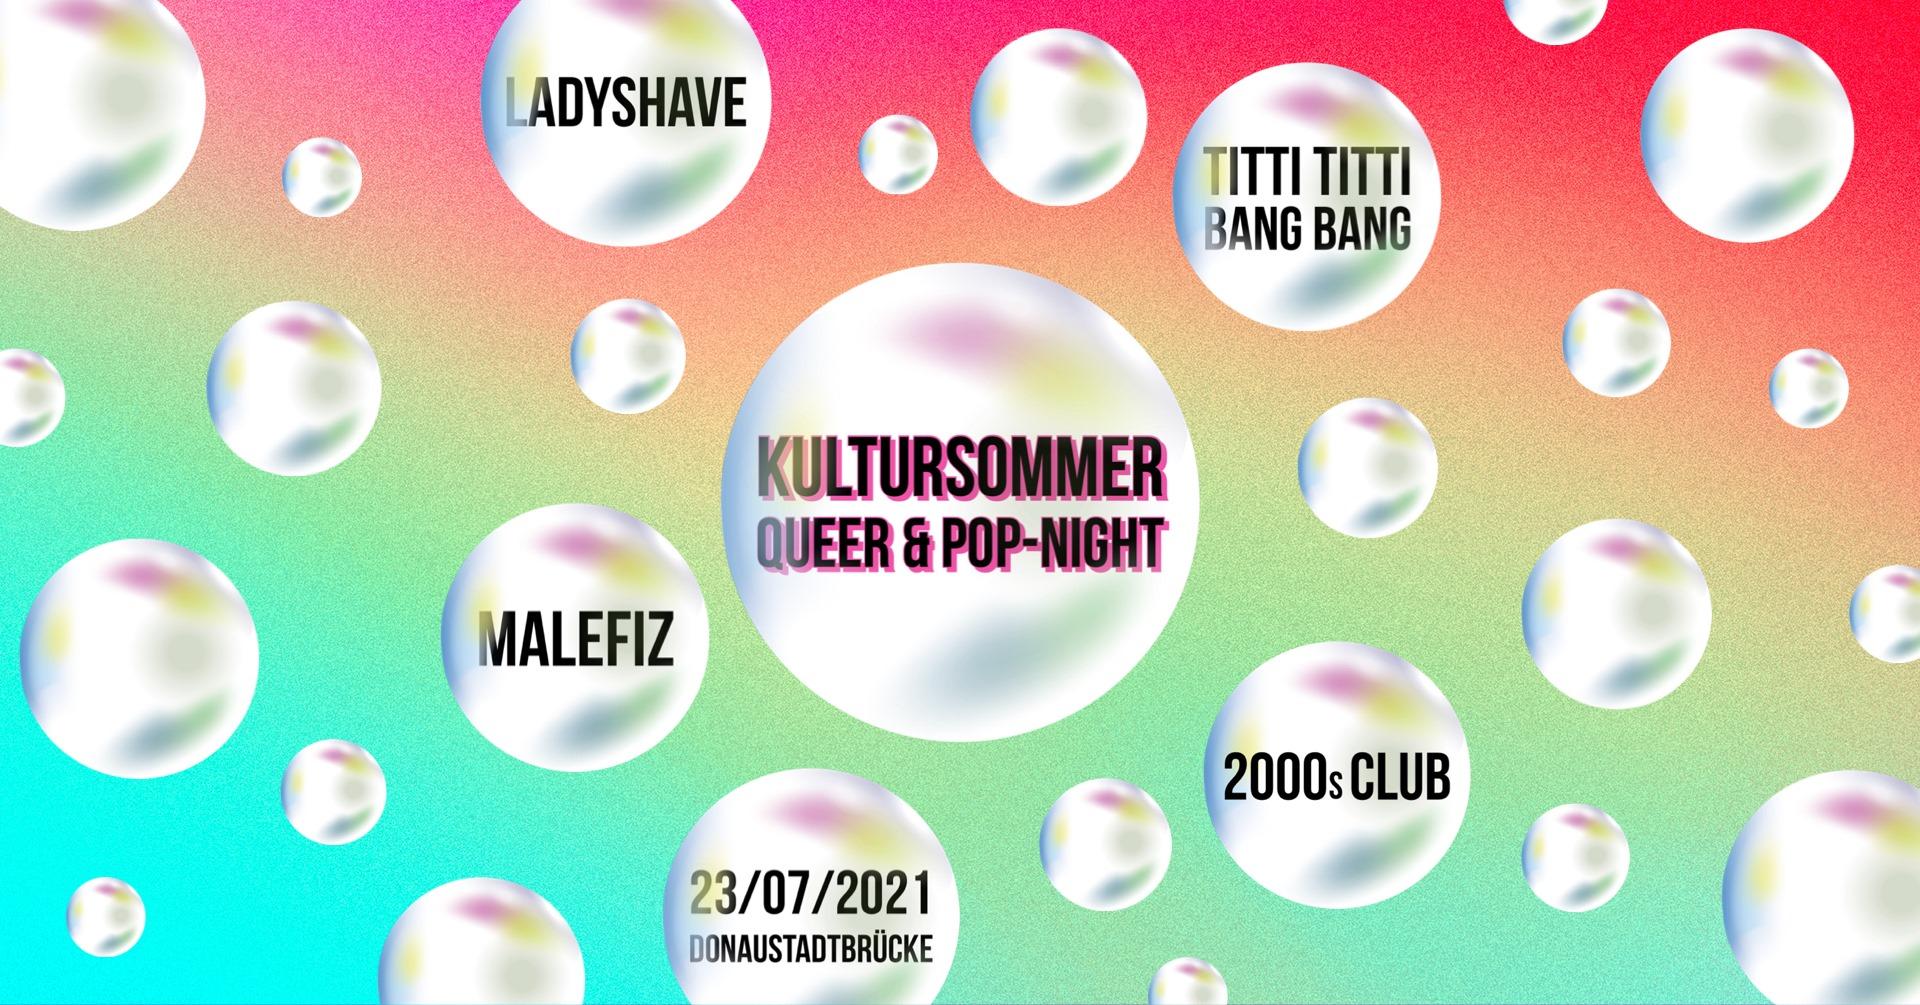 Events Wien: Kultursommer Queer & Pop-Night